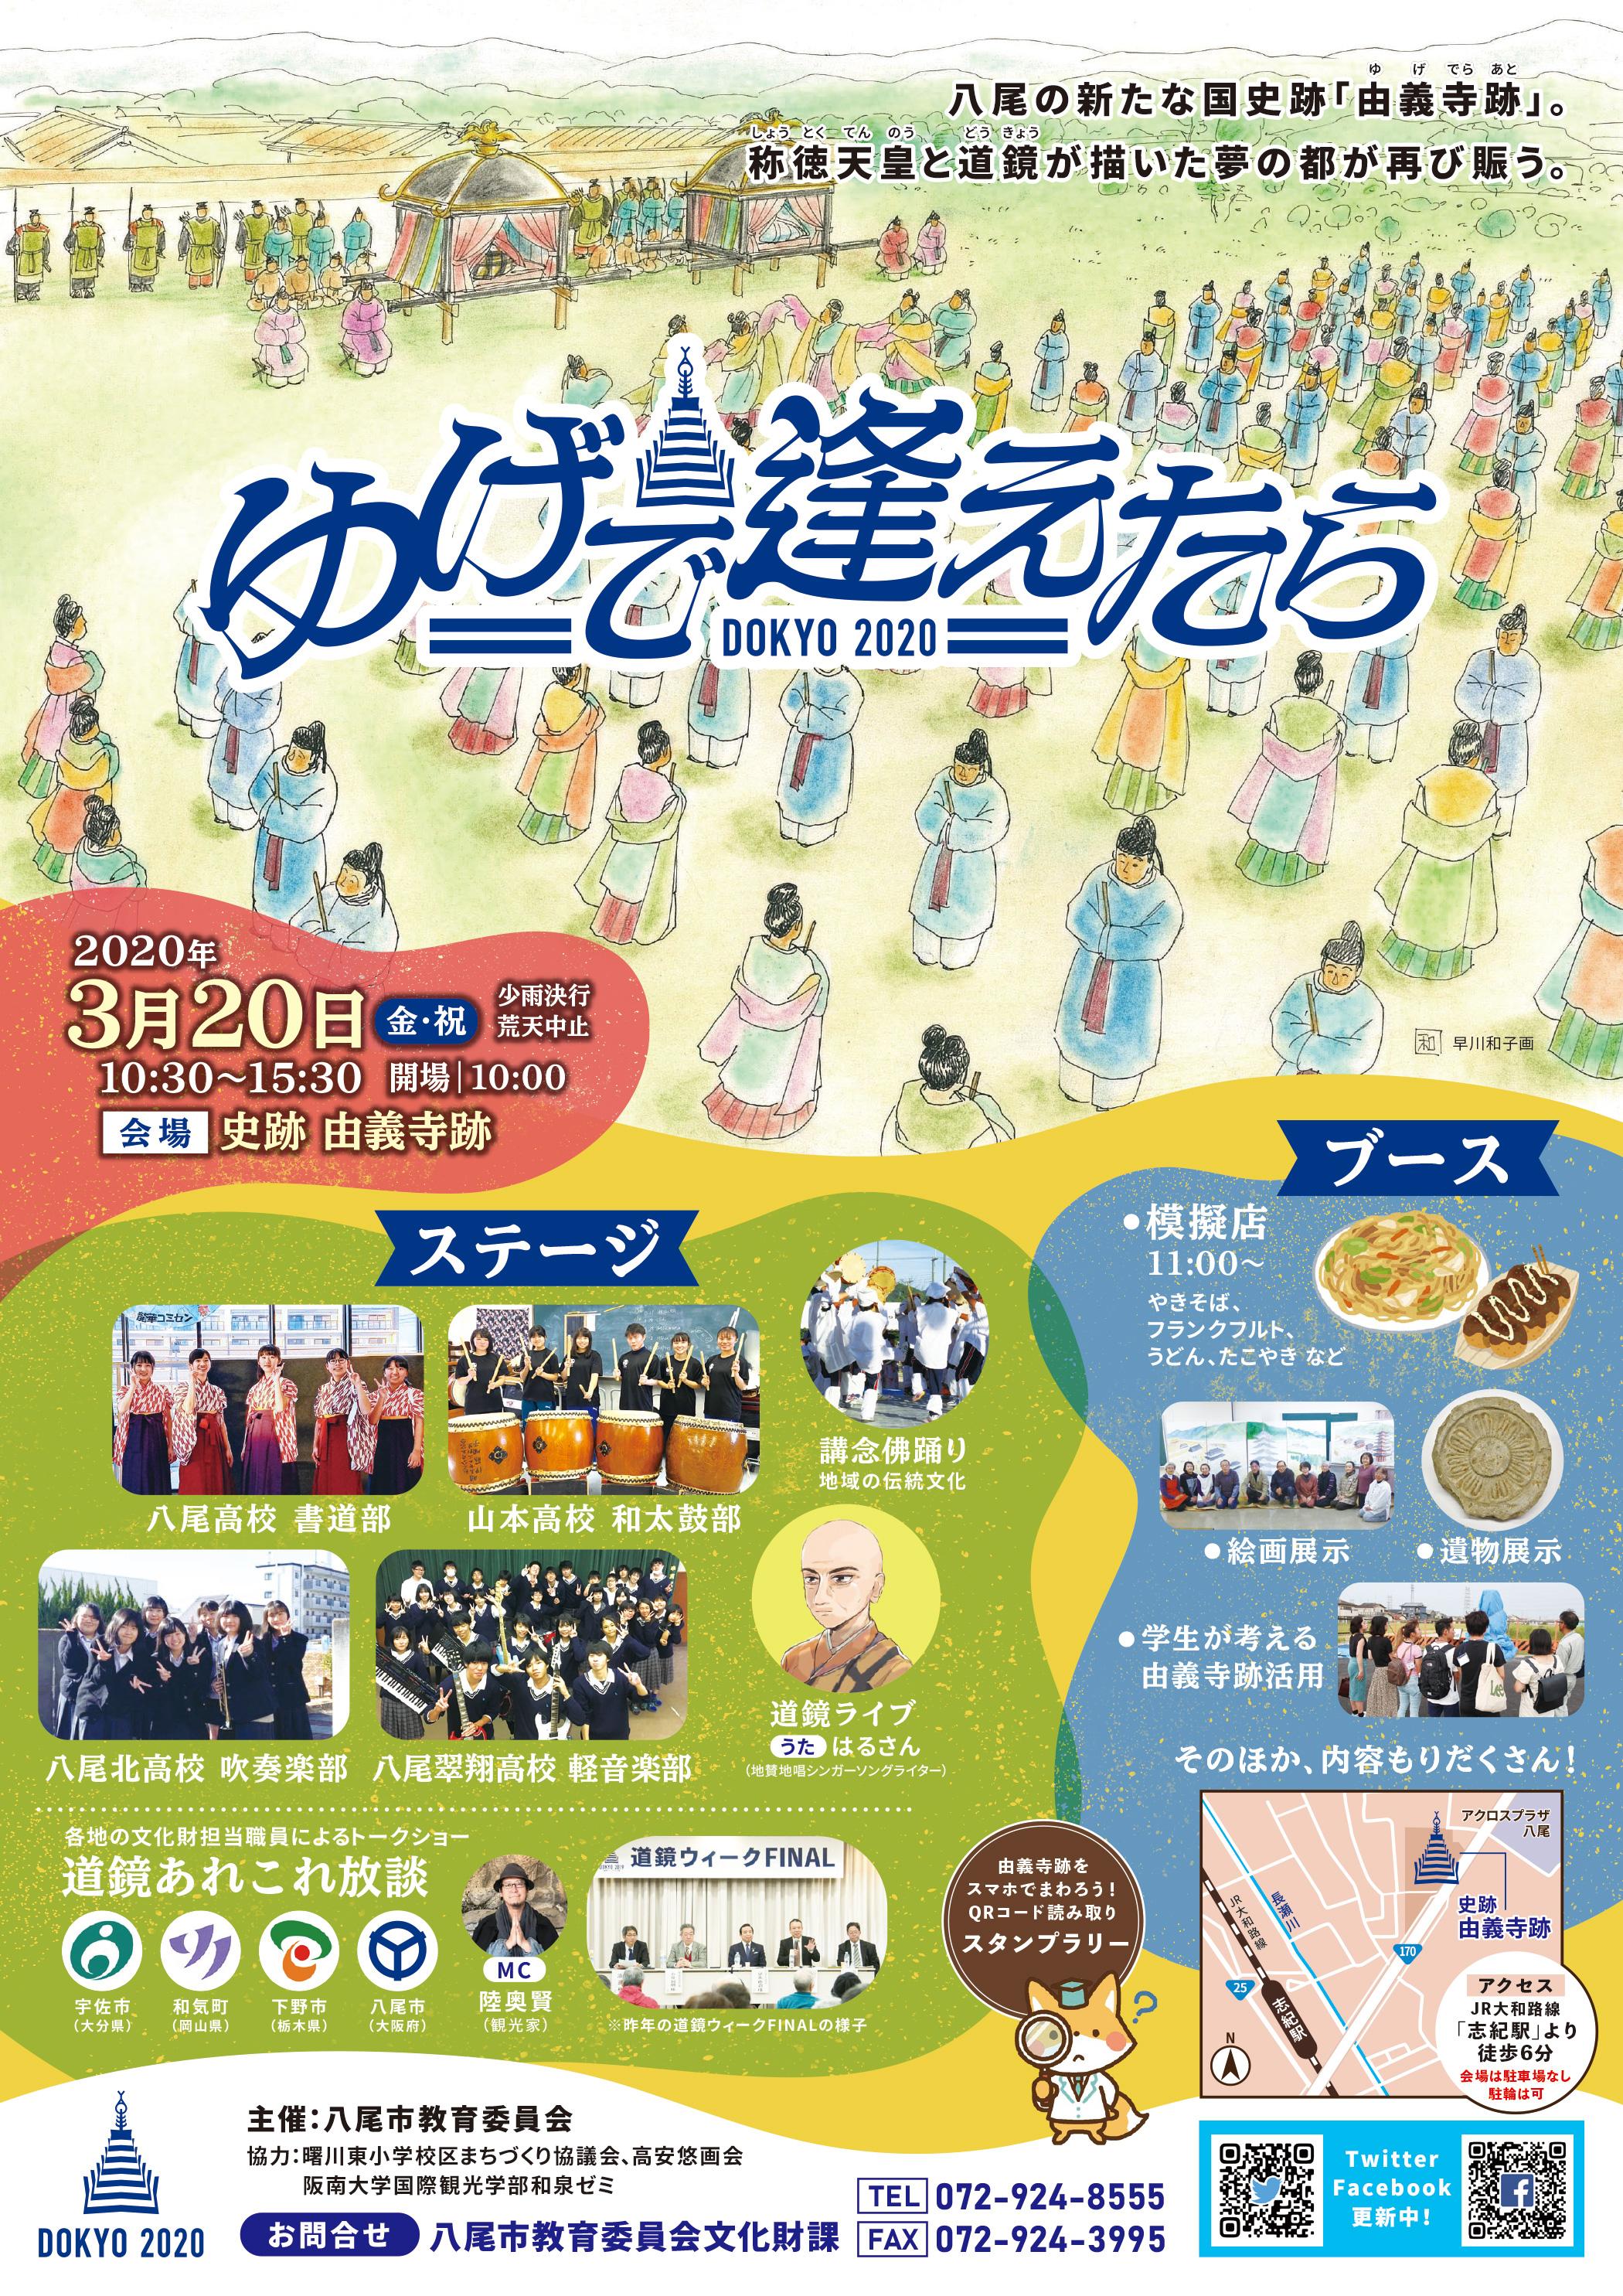 ゆげで逢えたら DOKYO2020|大阪府八尾市